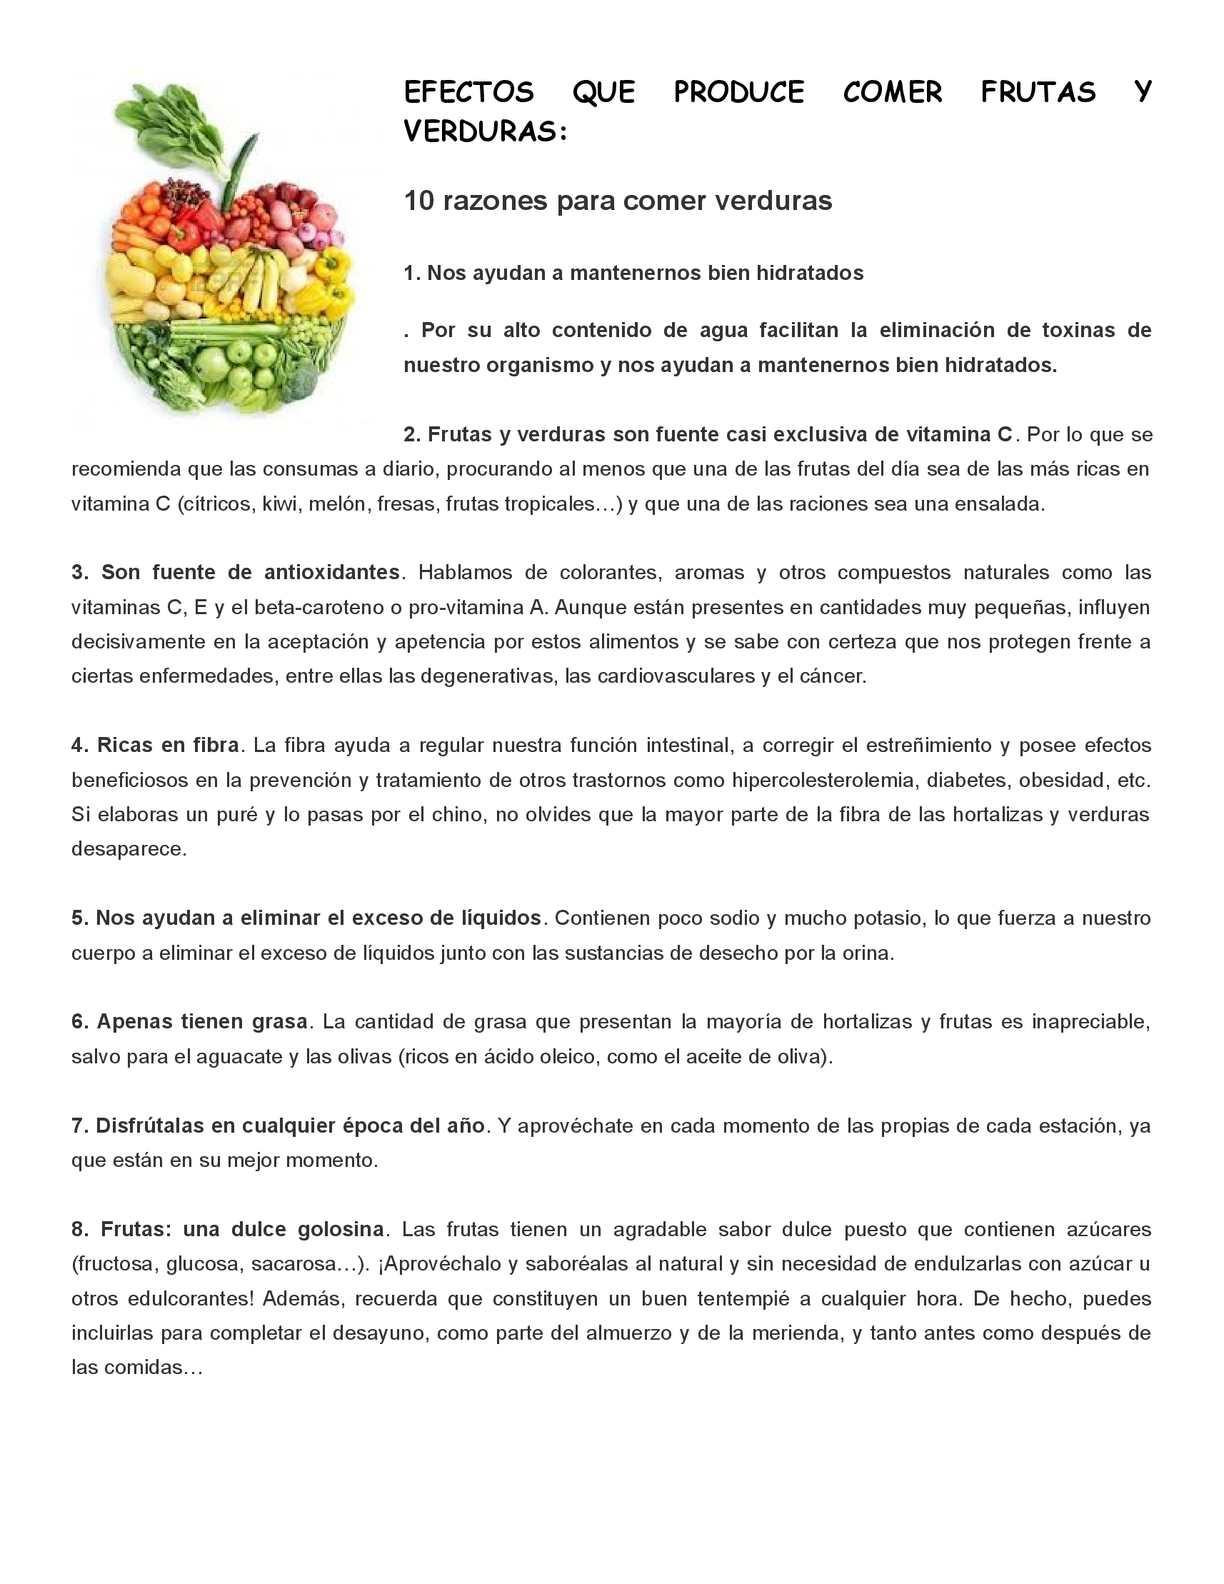 frutas defraud vitamina a y d